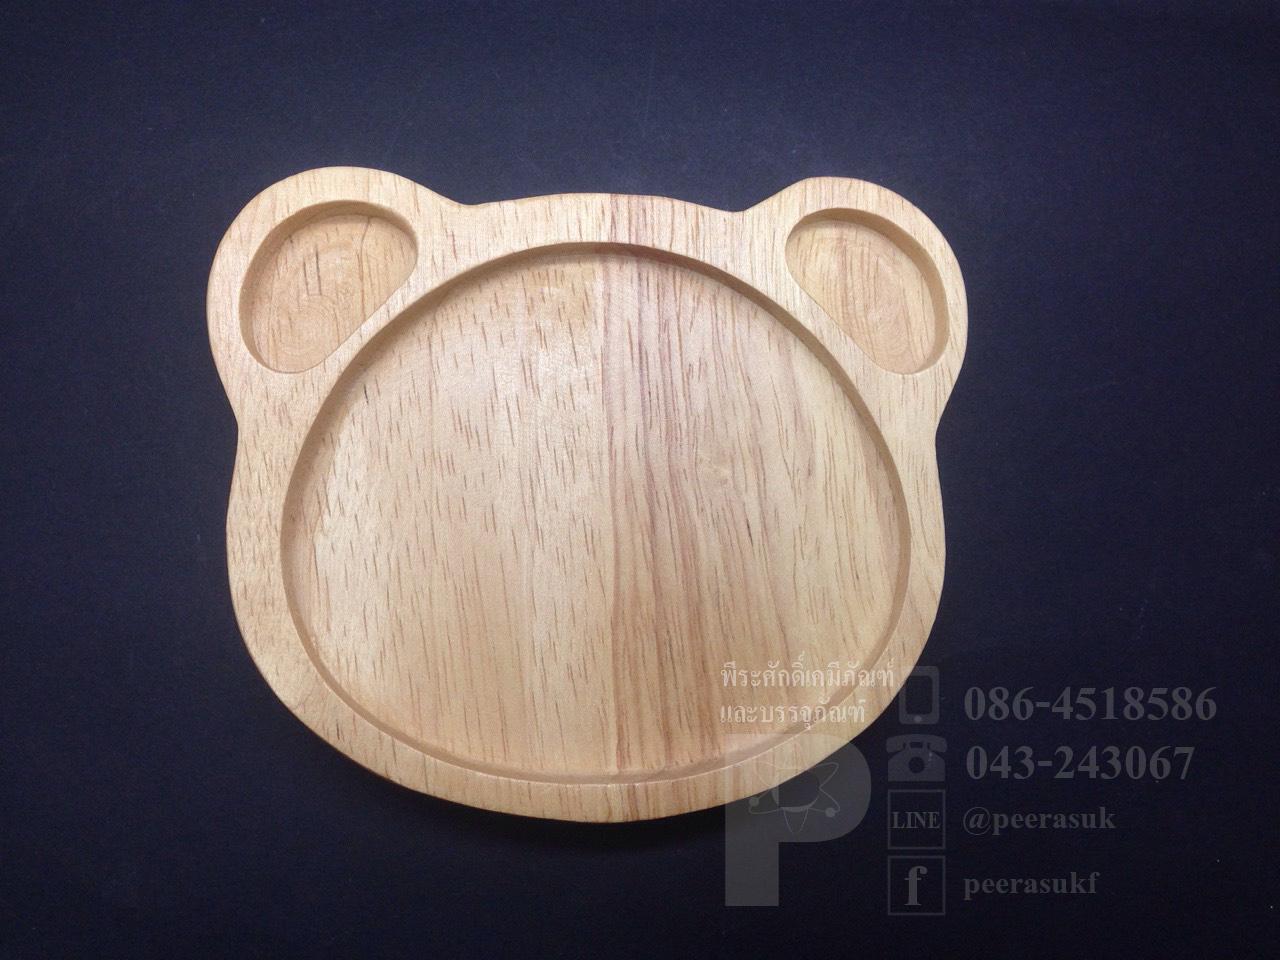 จานไม้รองแก้วรูปหมีน้อย 5 นิ้ว จำนวน 1 ชิ้น